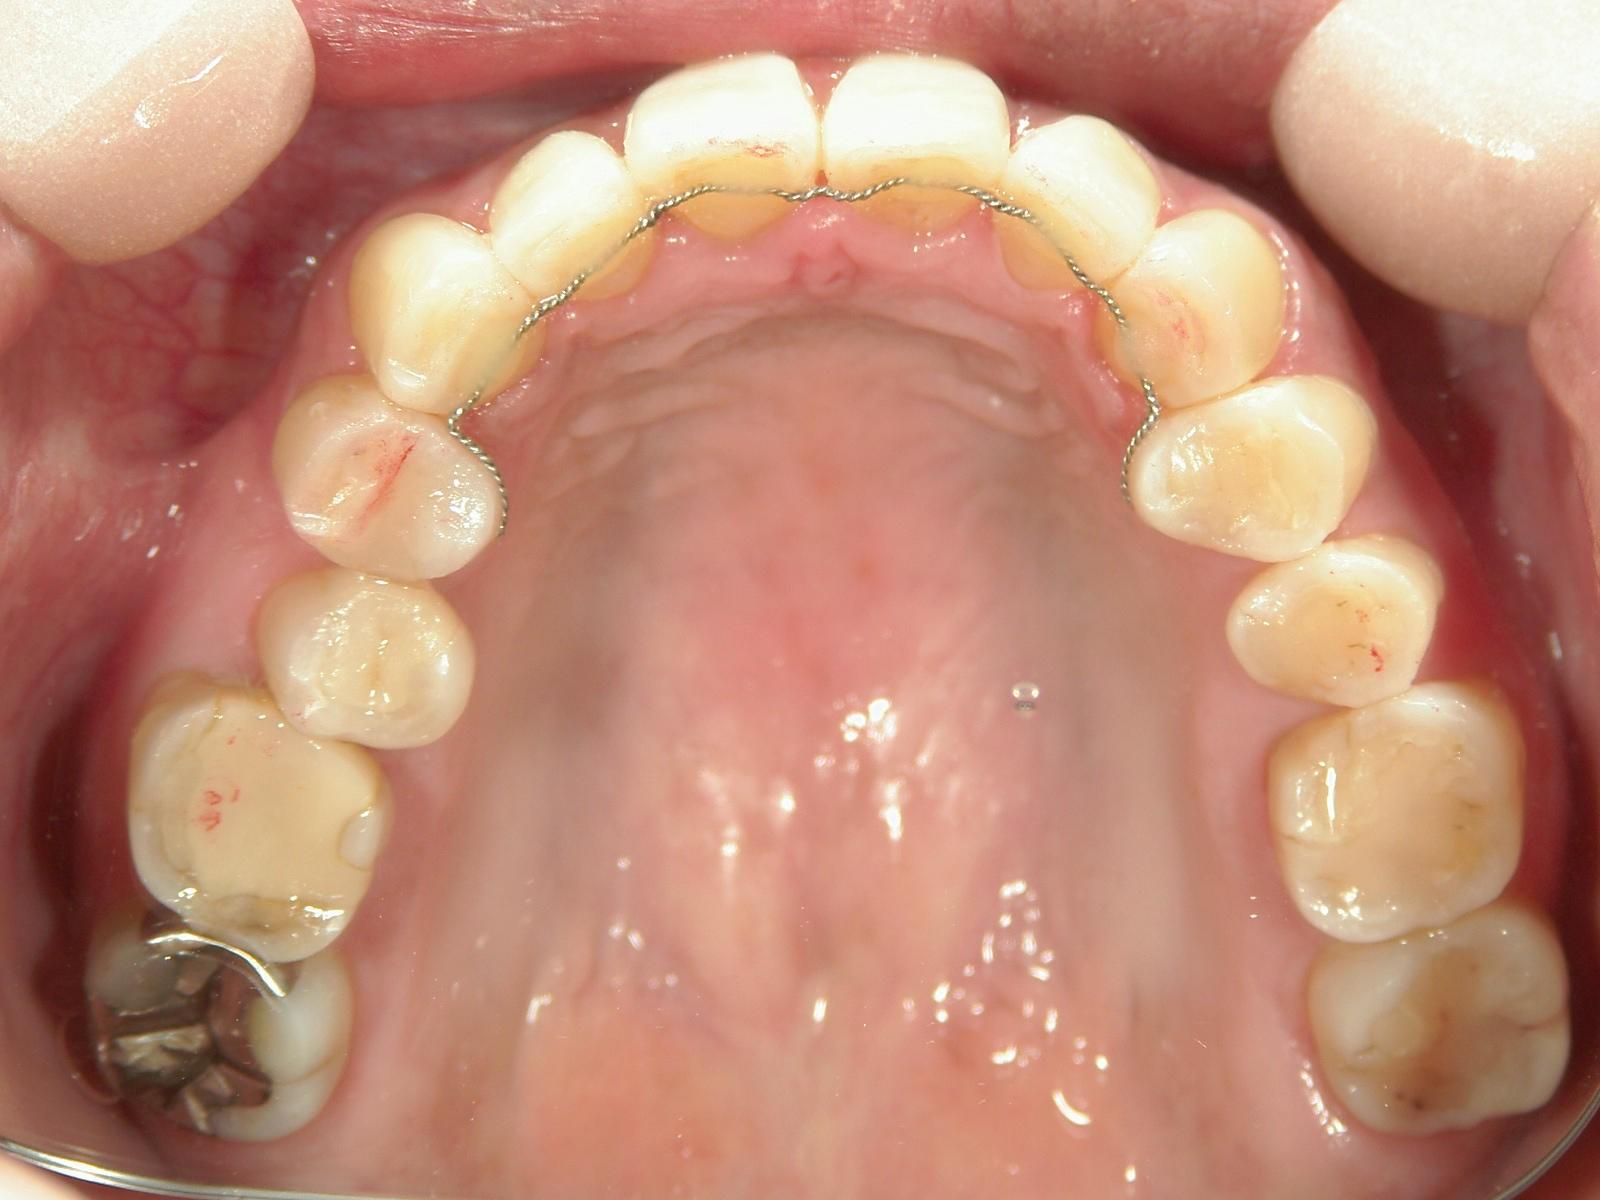 舌側ワイヤー矯正 症例(18)